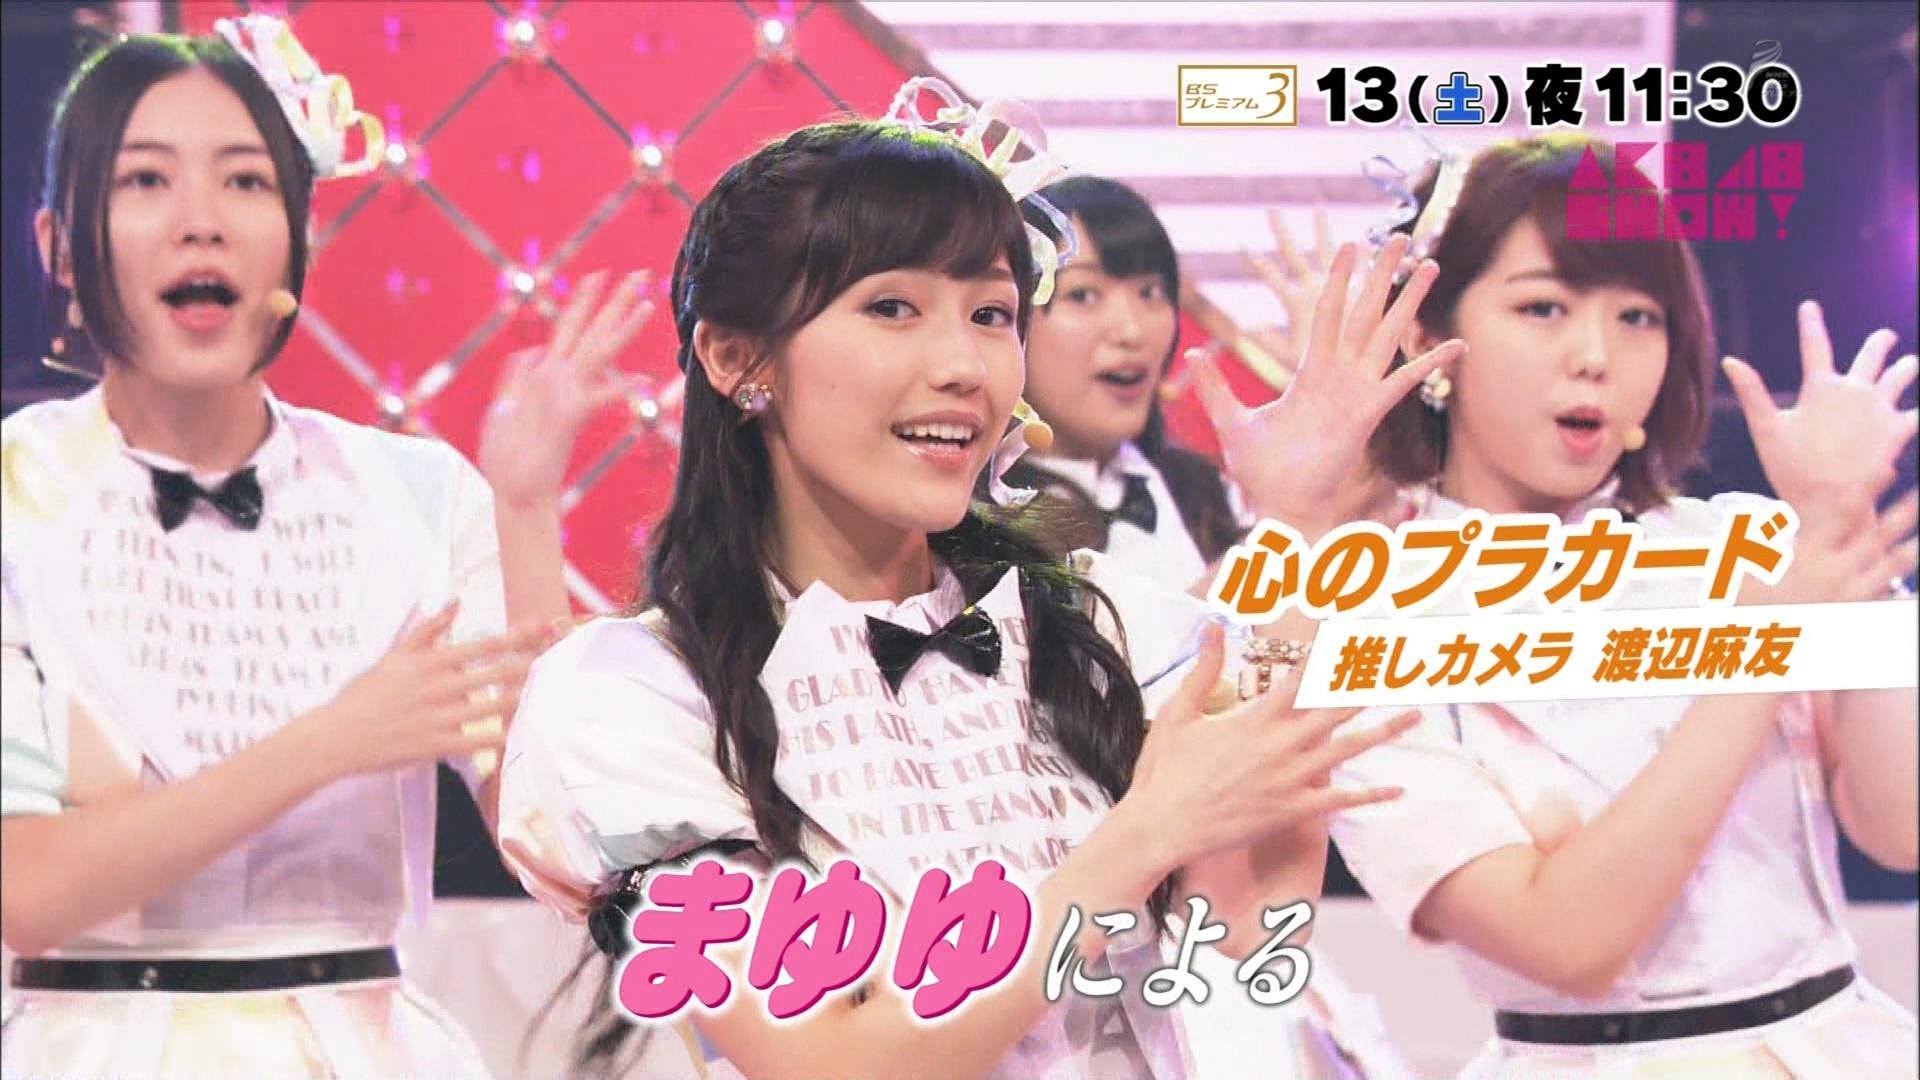 渡辺麻友SHOW!予告 AKB48SHOW! 20140906 (4)